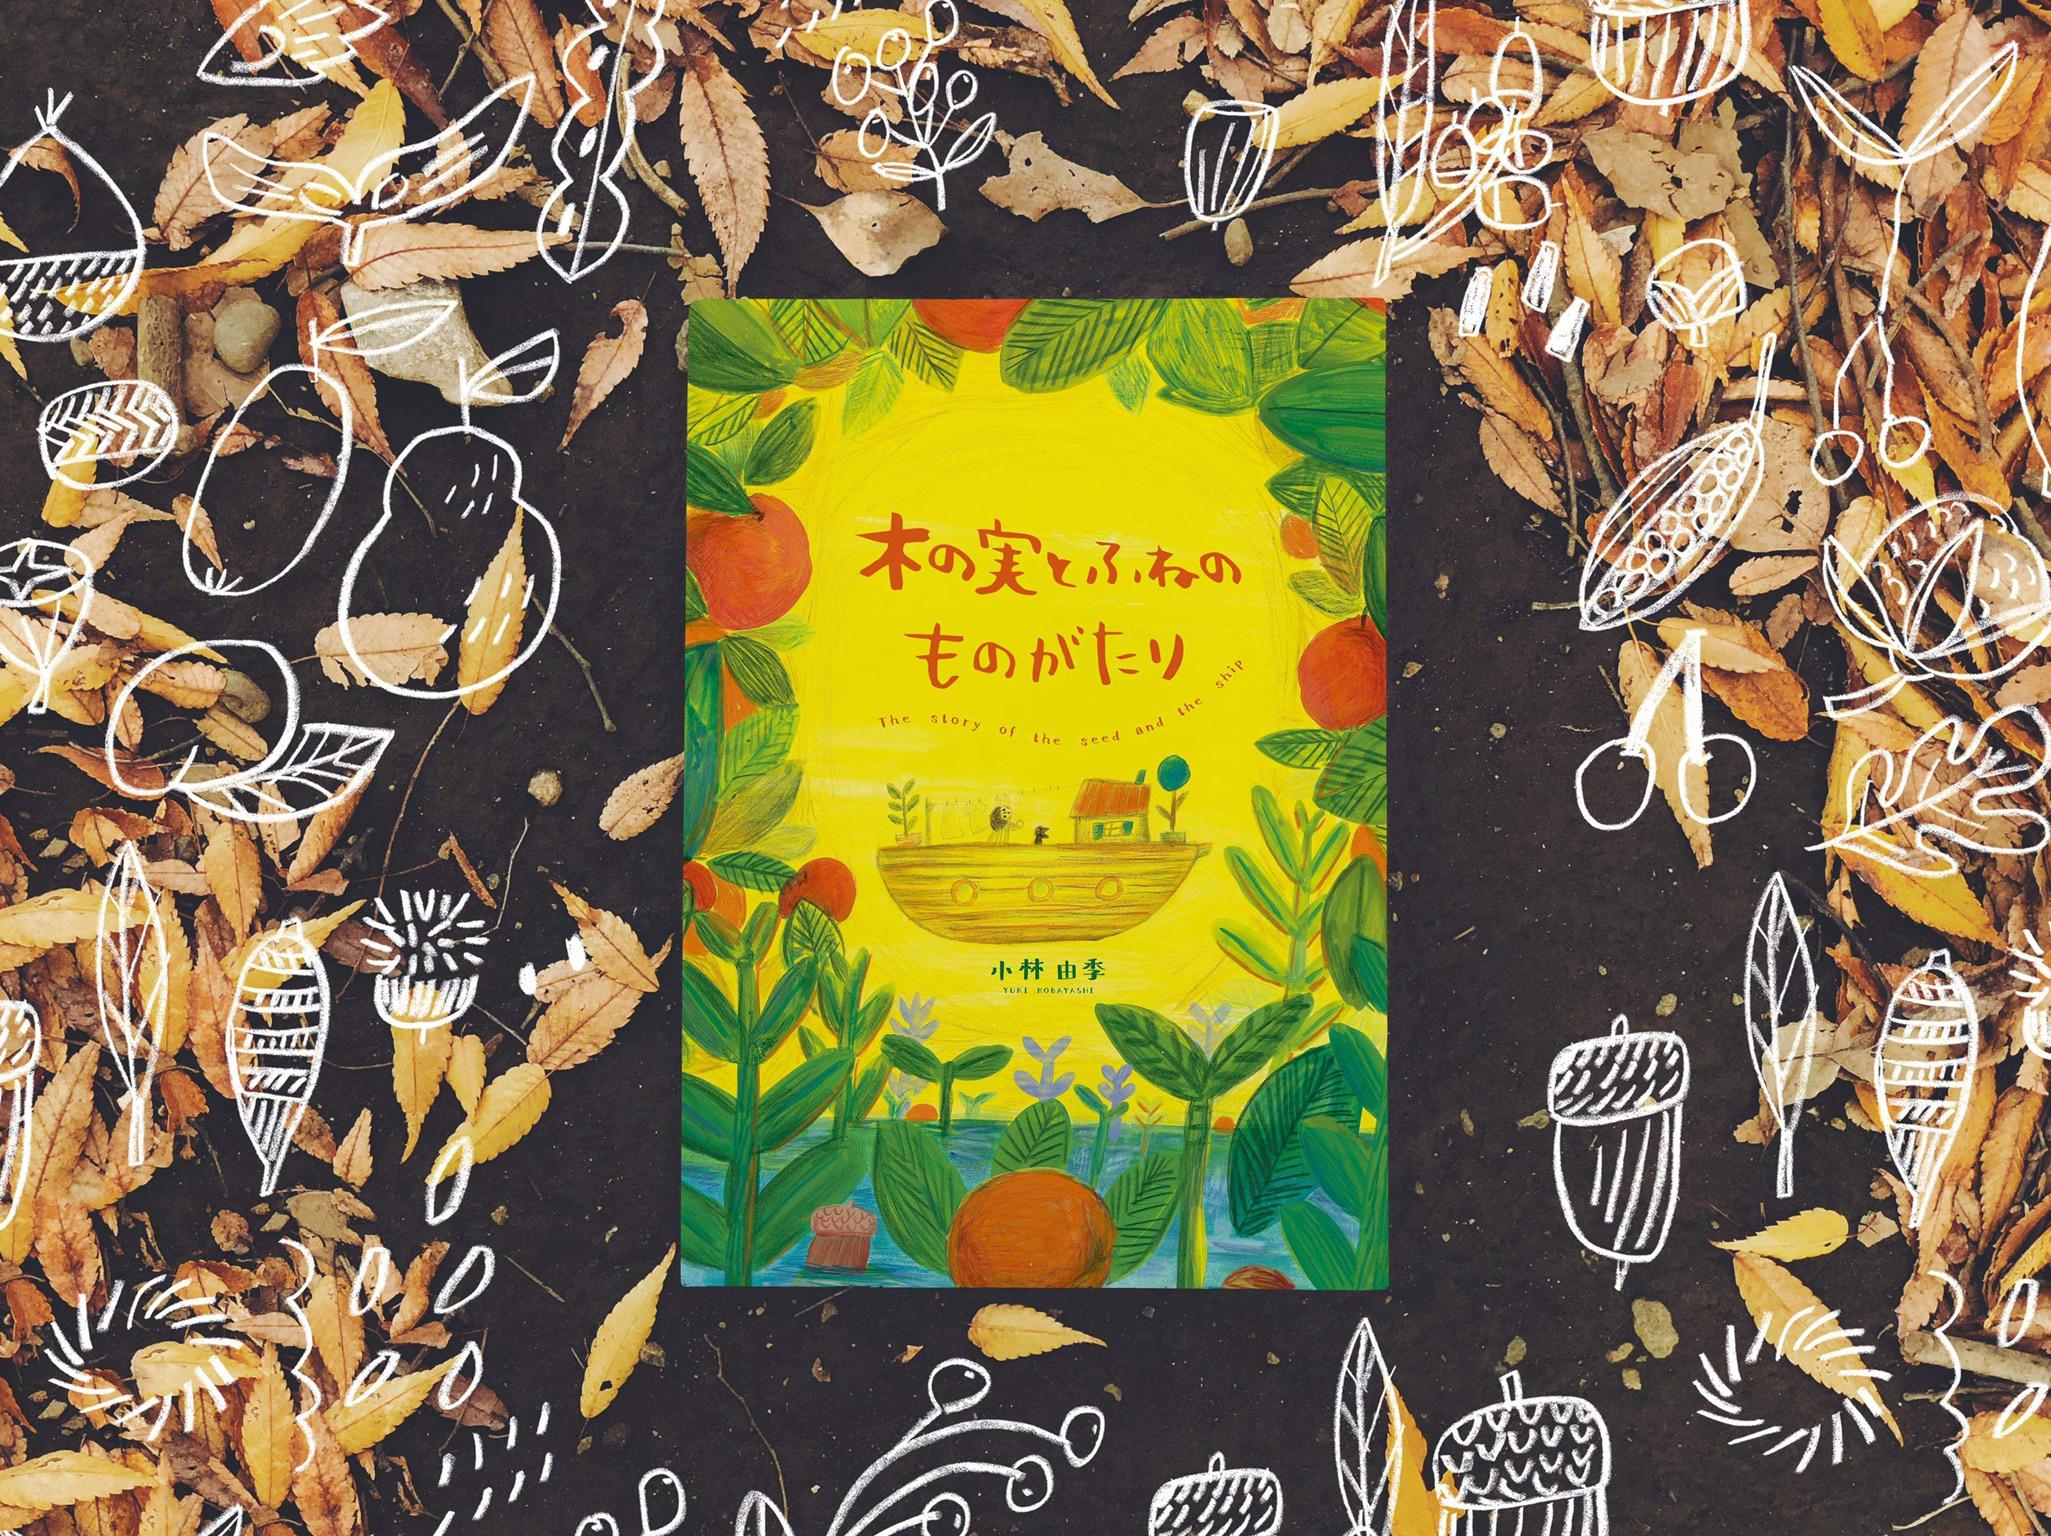 絵本『木の実とふねのものがたり』